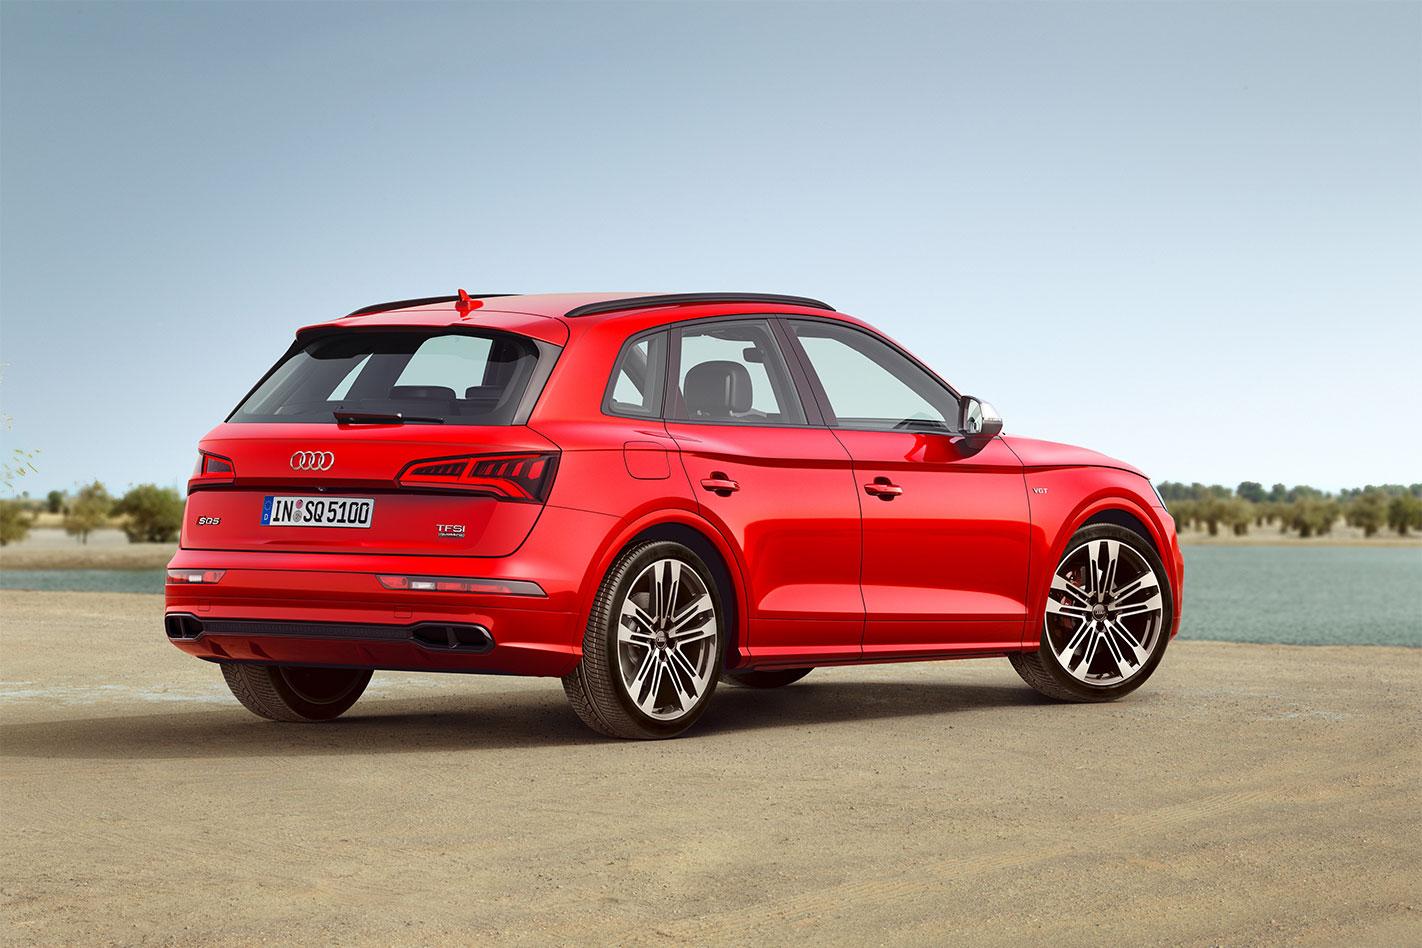 2017 Audi SQ5 rear